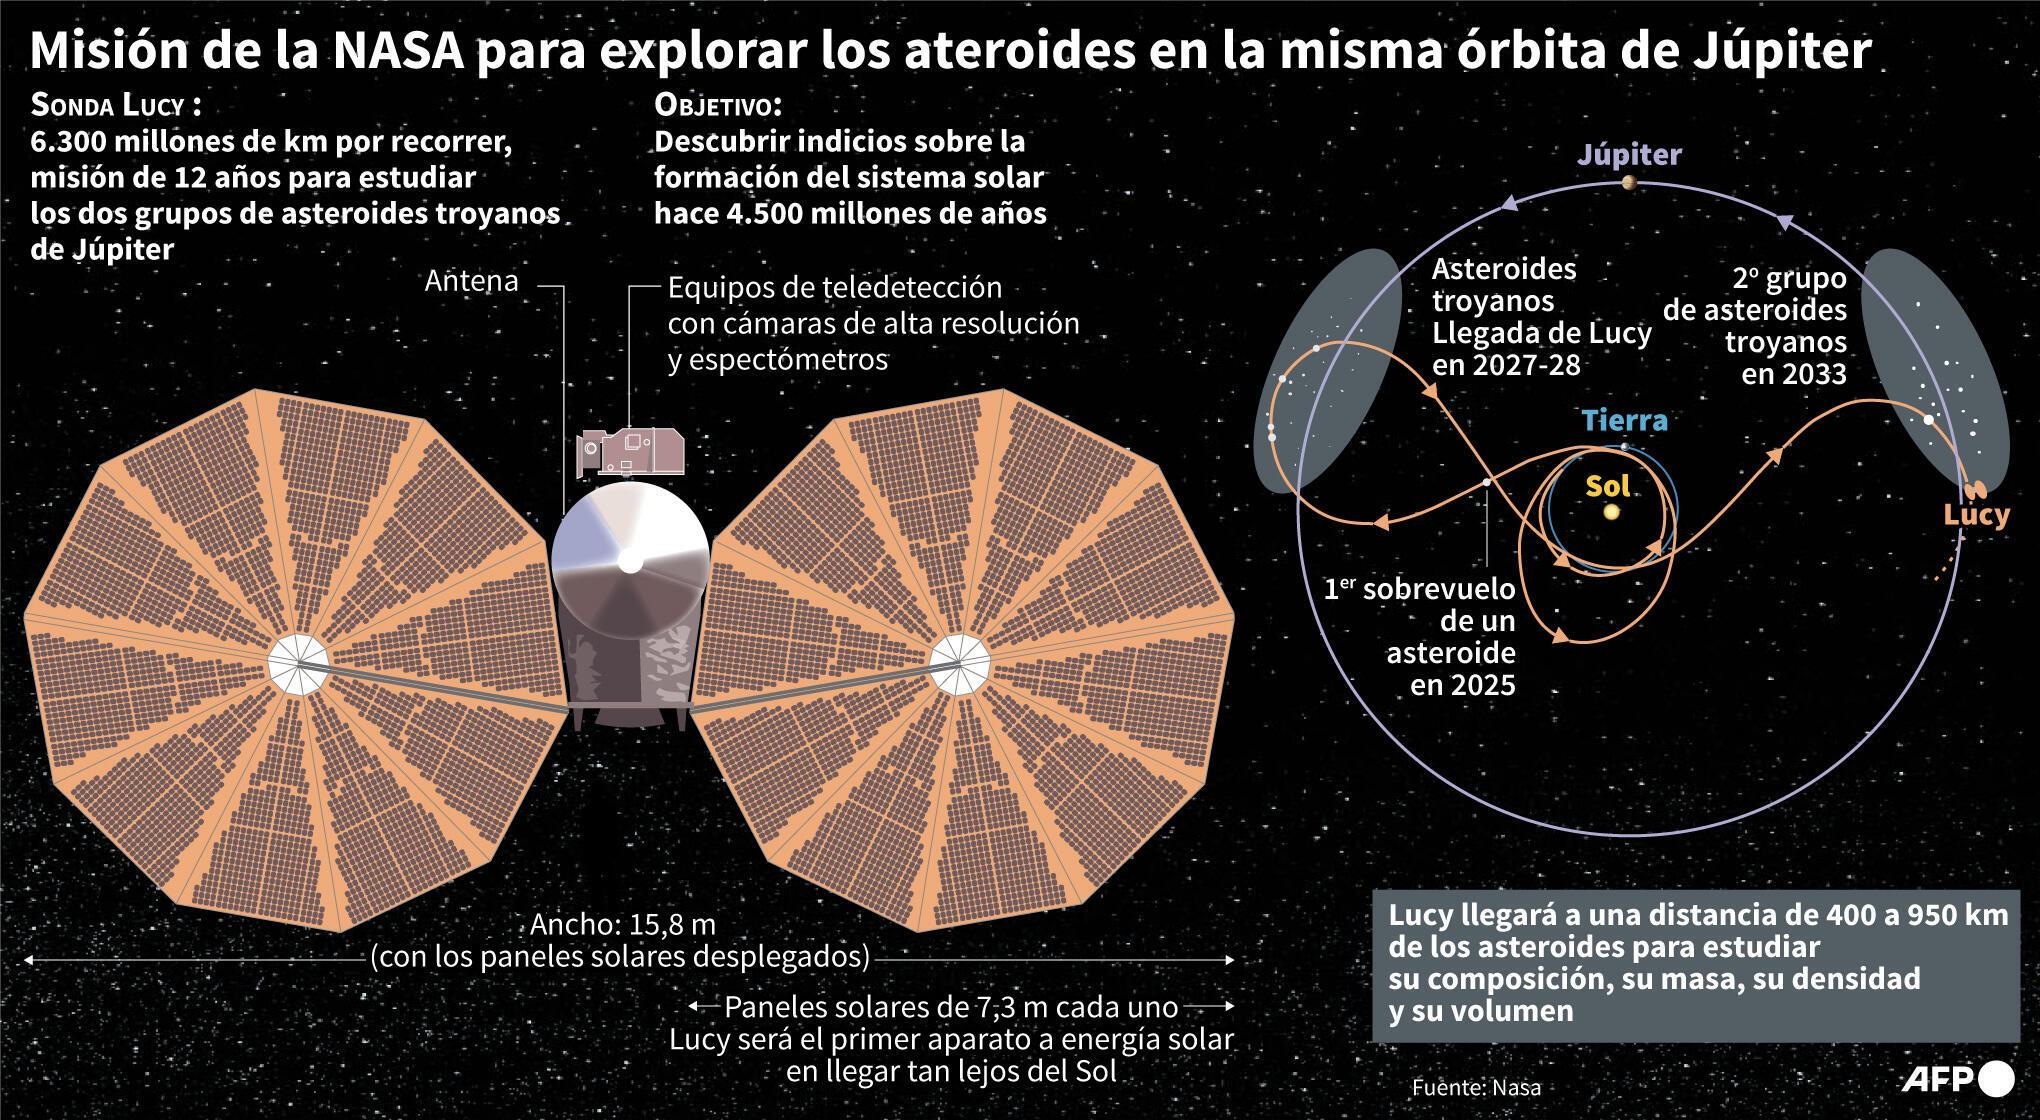 La misión Lucy de la NASA lanzada hacia los asteroides de Júpiter